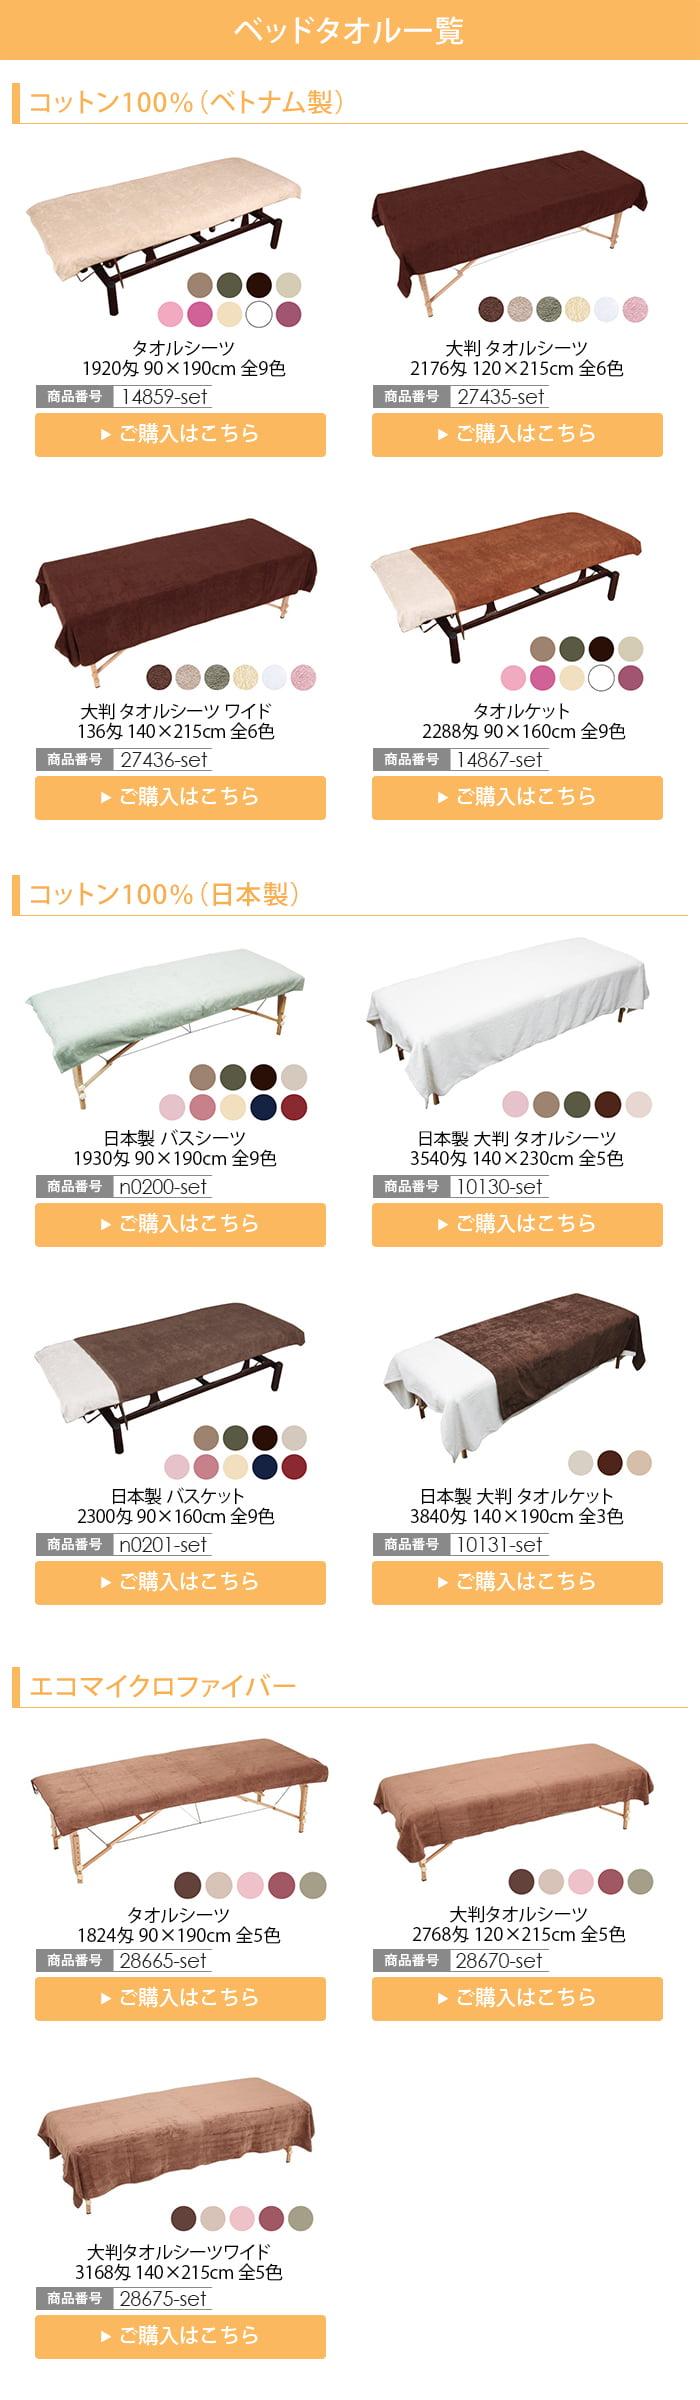 ベッドタオル一覧